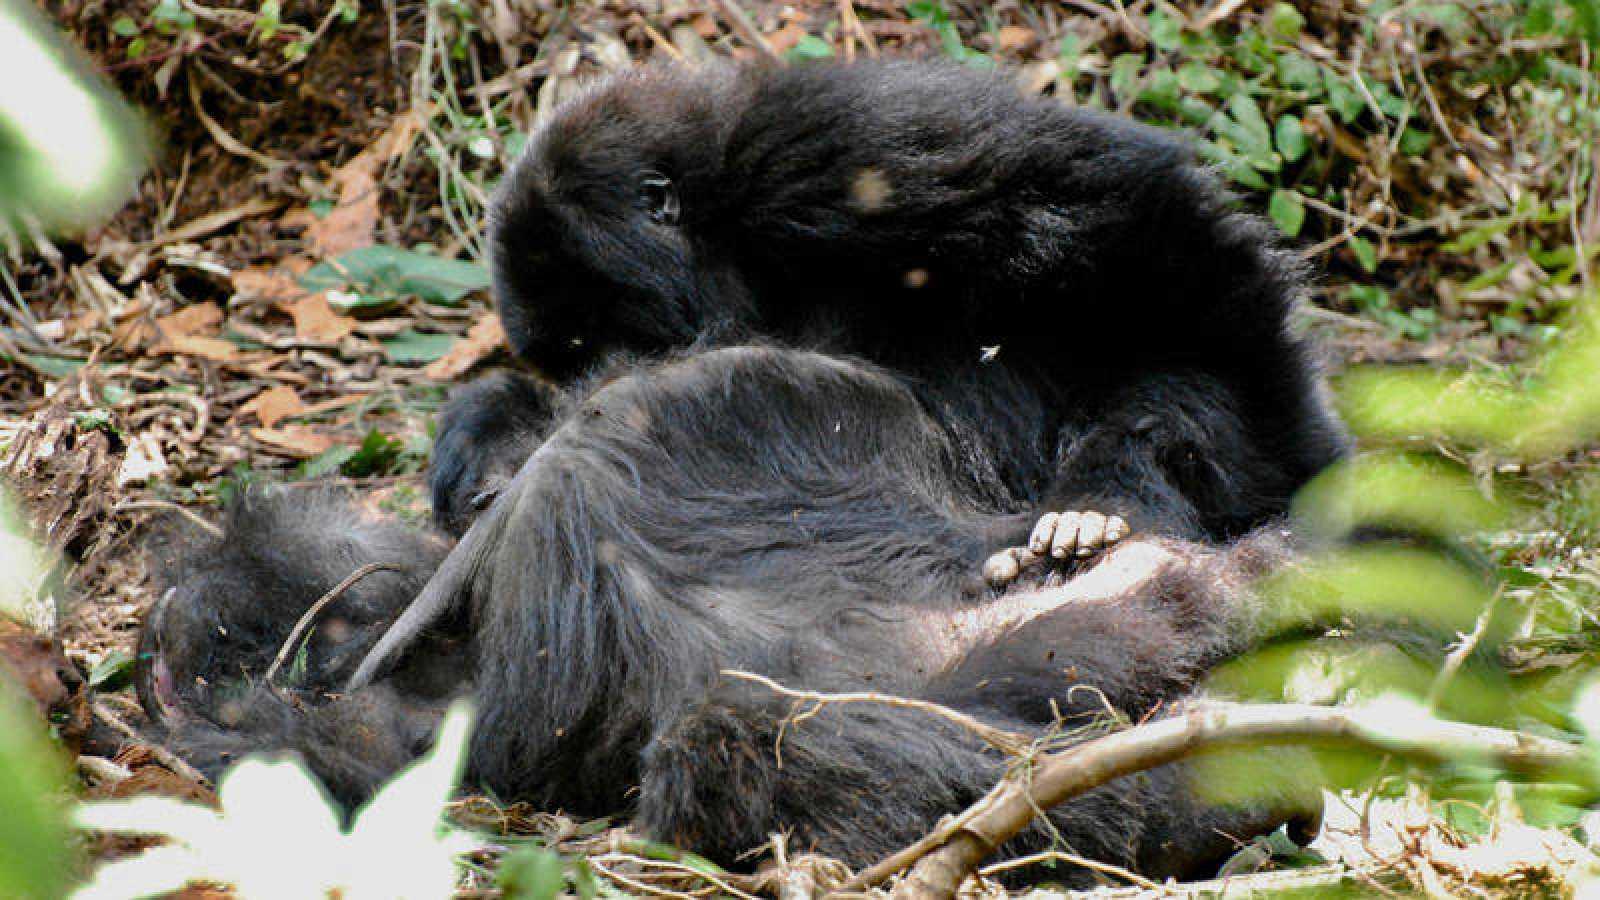 Un gorila permanece sentado cerca de otro fallecido, en señal de duelo.